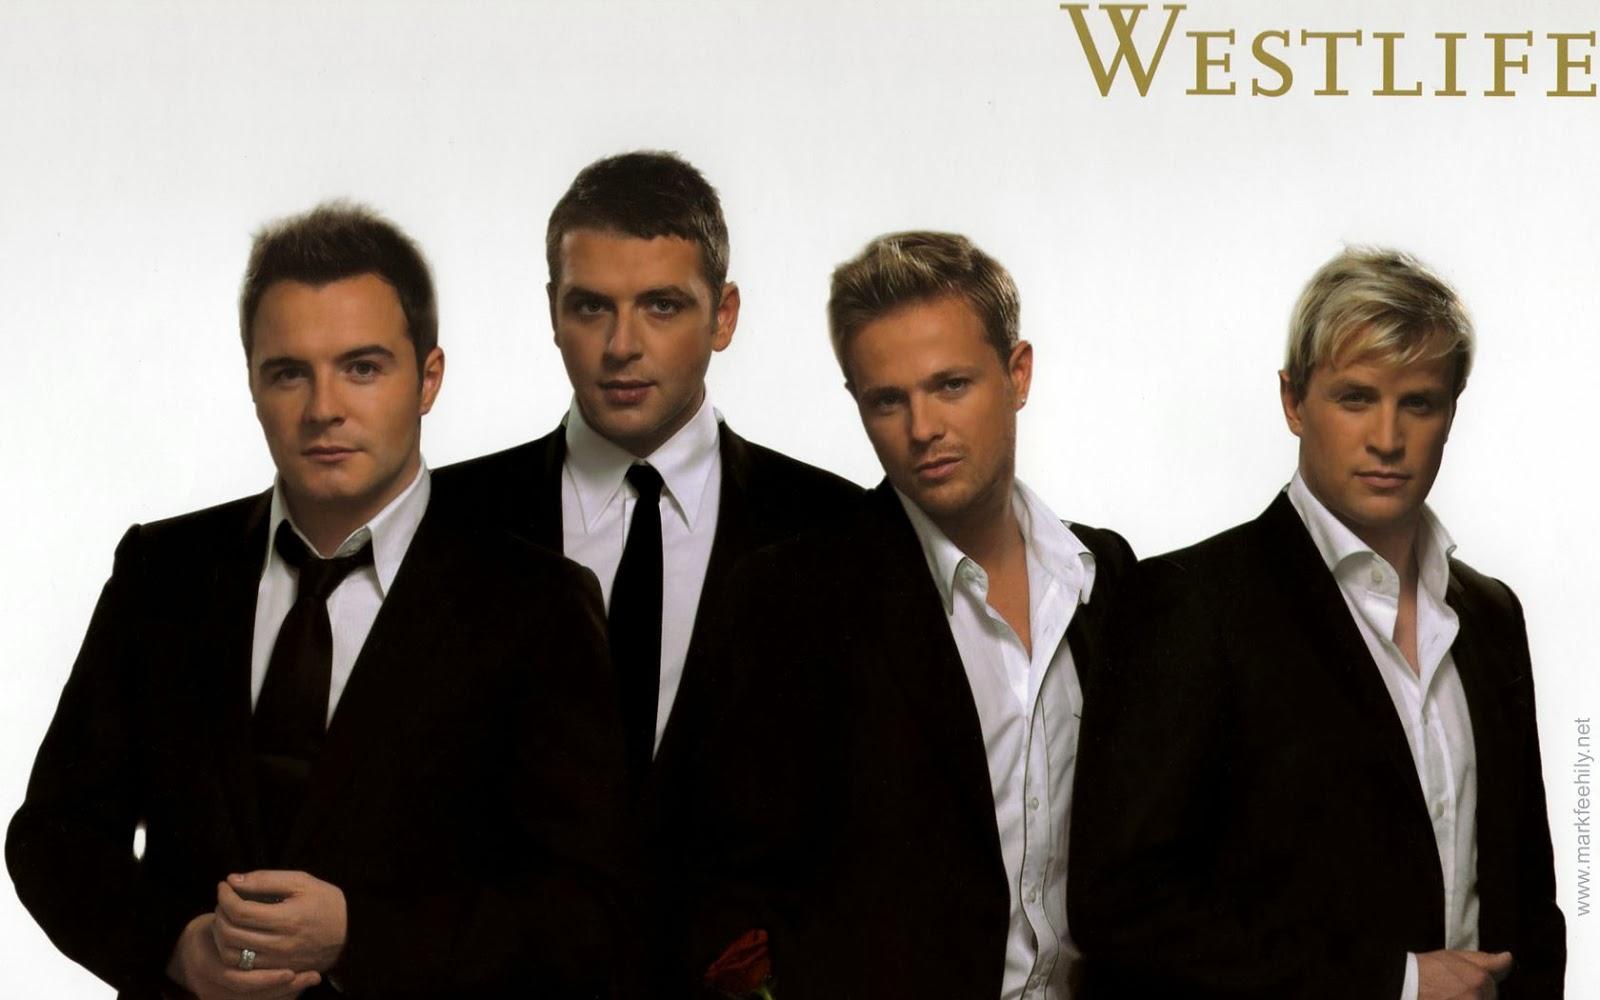 westlife - photo #43